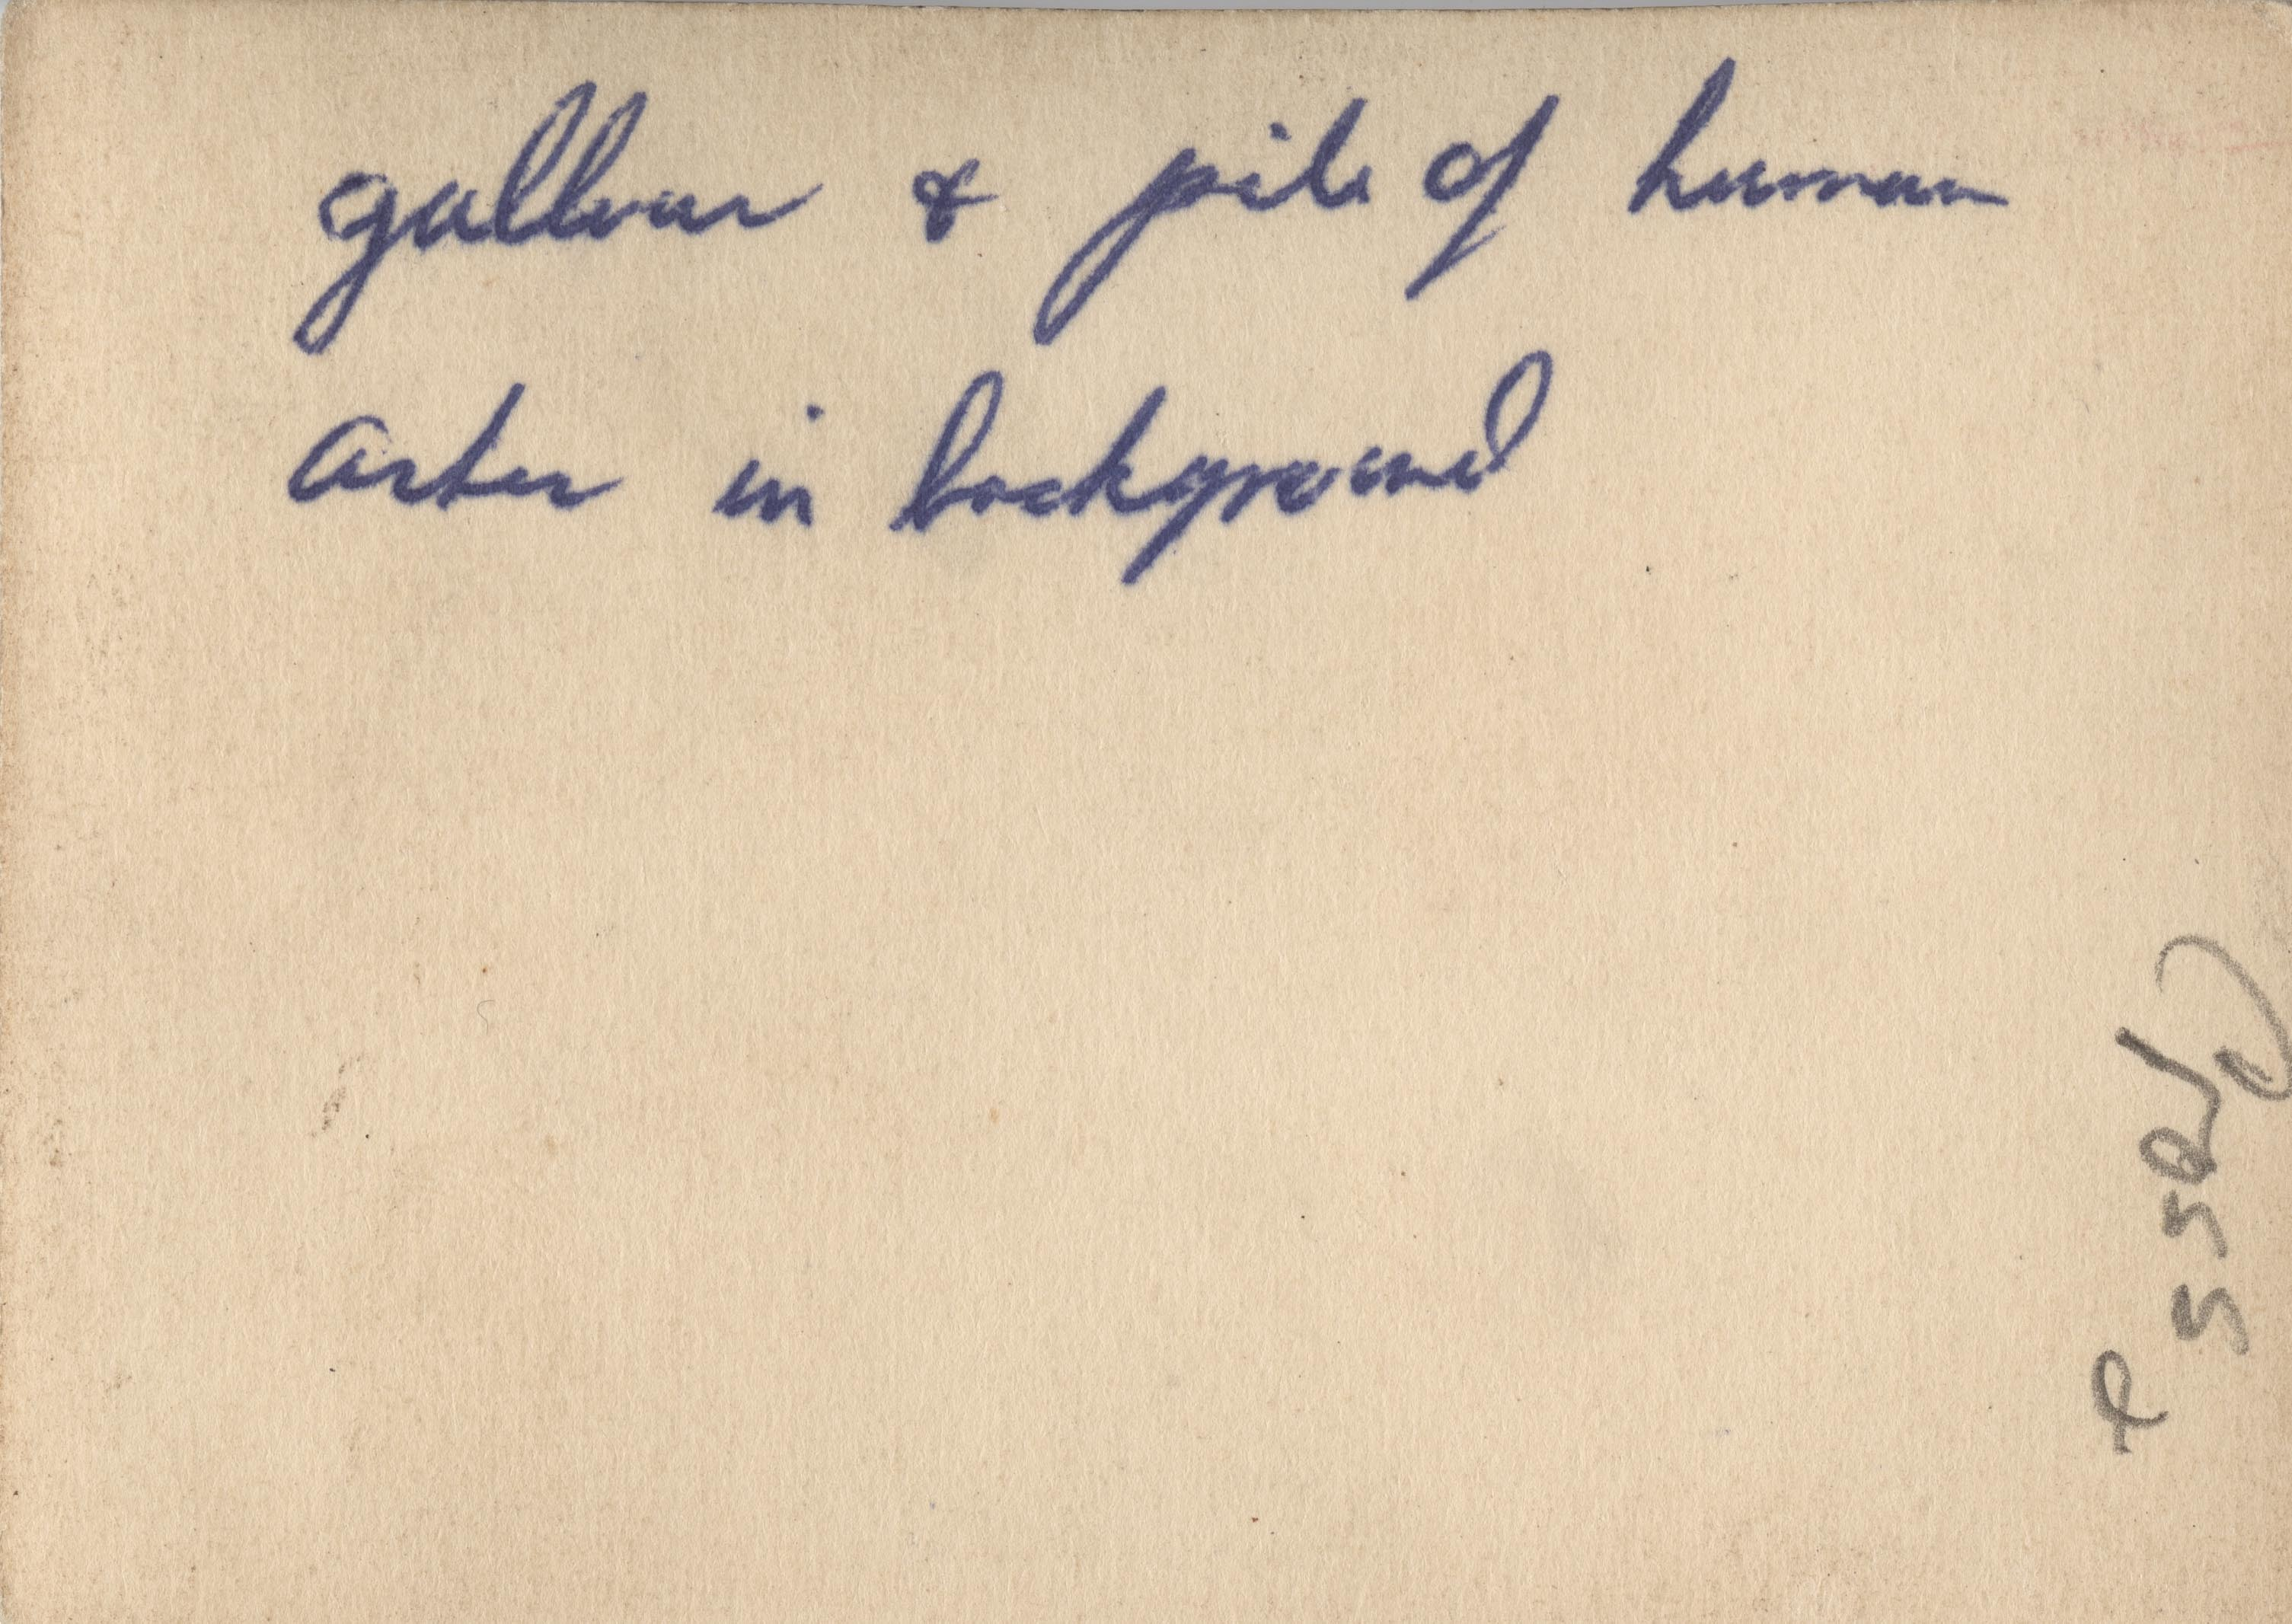 Buchenwald image 02, side 2